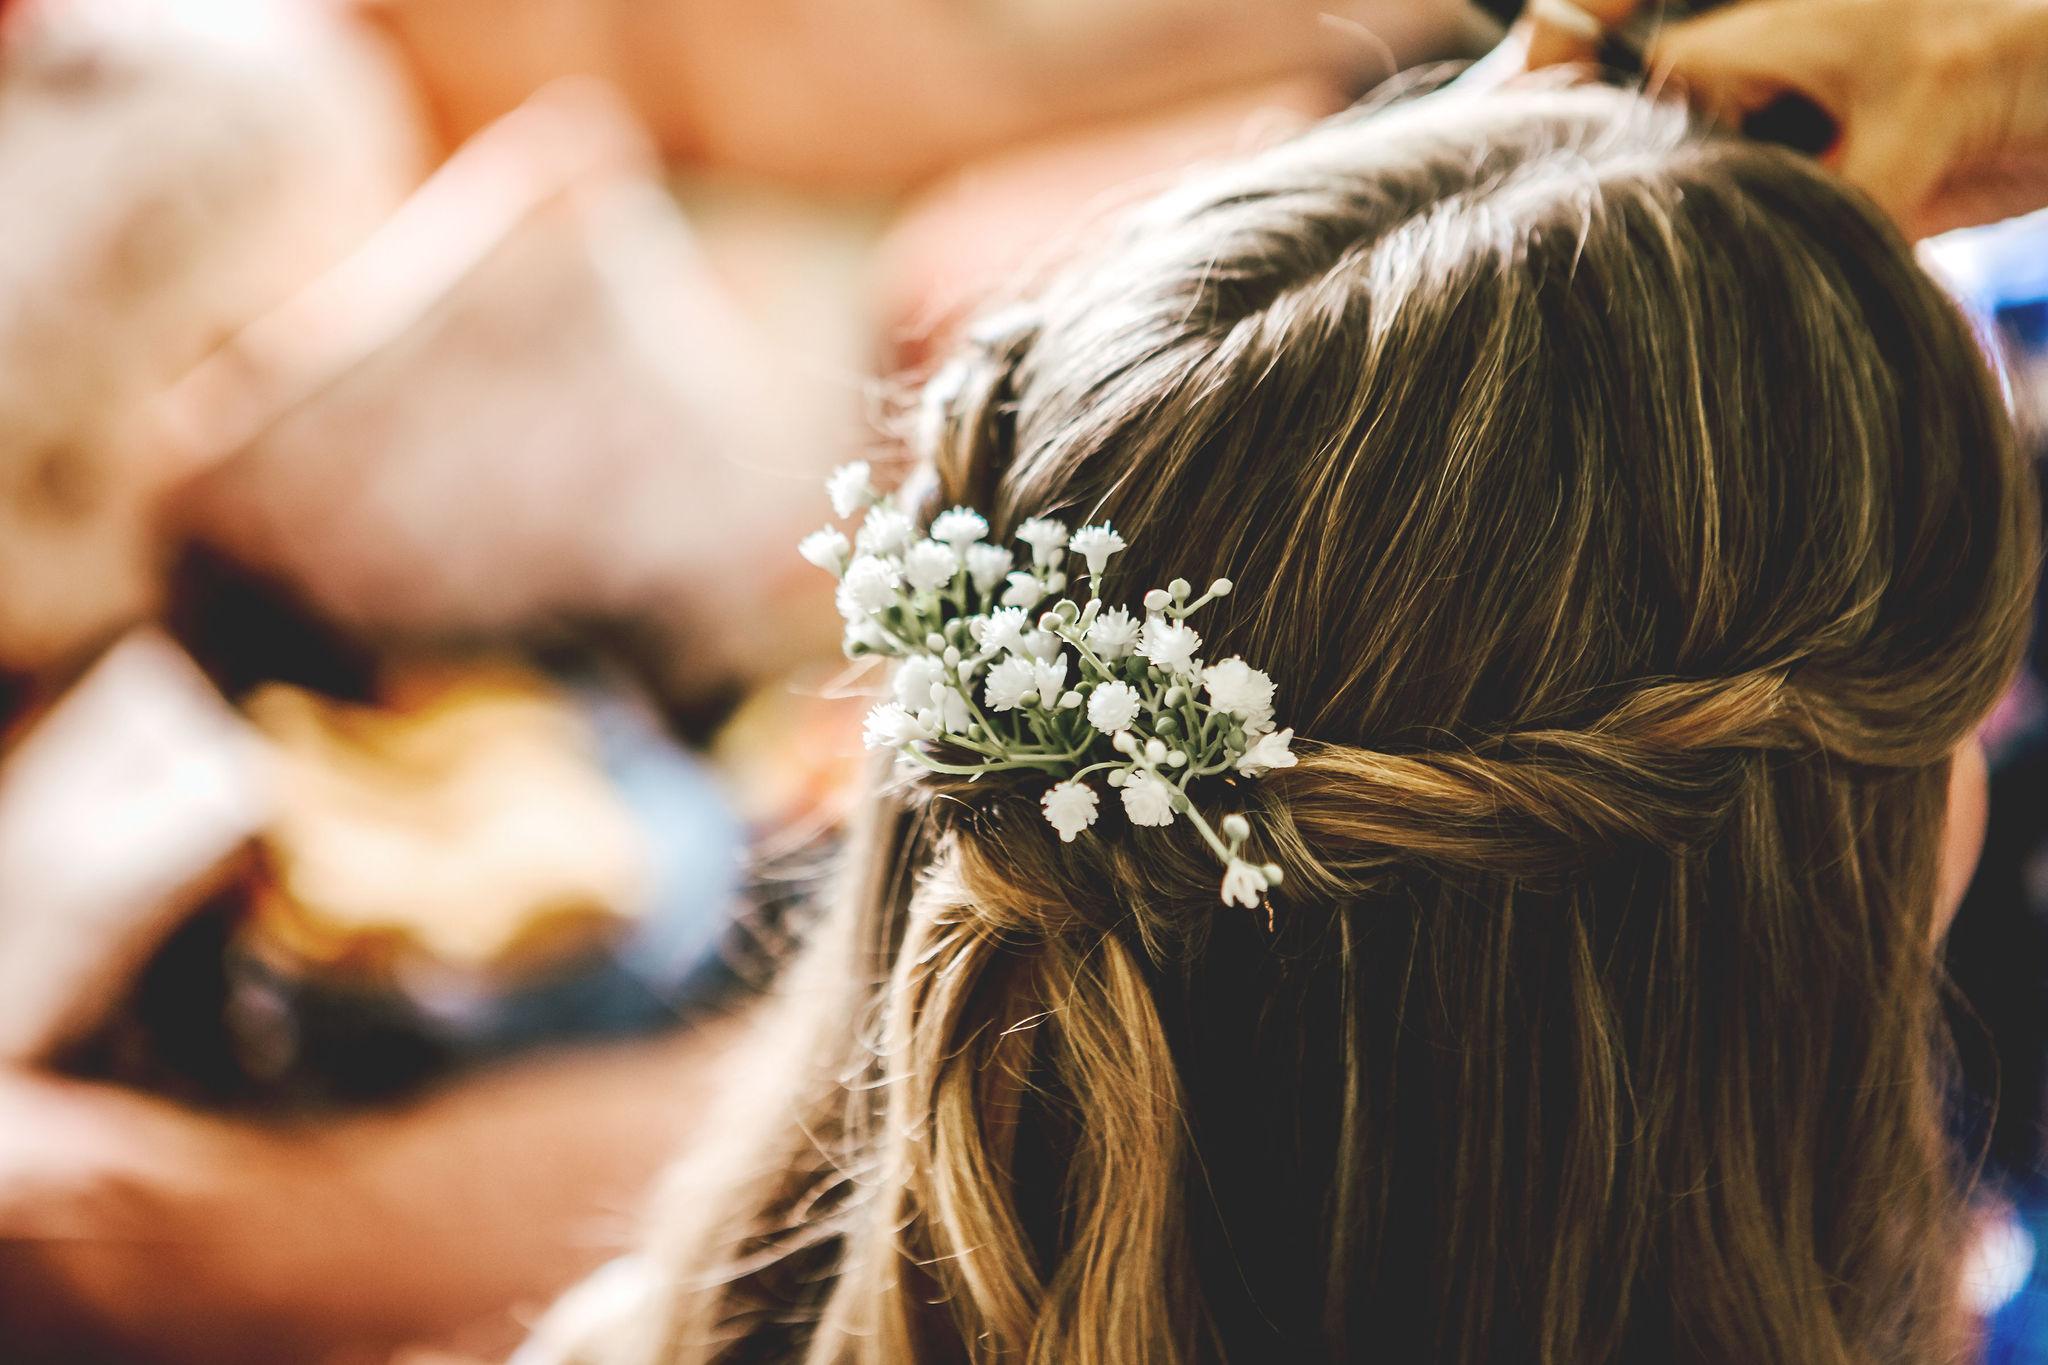 fiesta-fields-louisa-thomas-blog-hair-abigailwhite.jpg